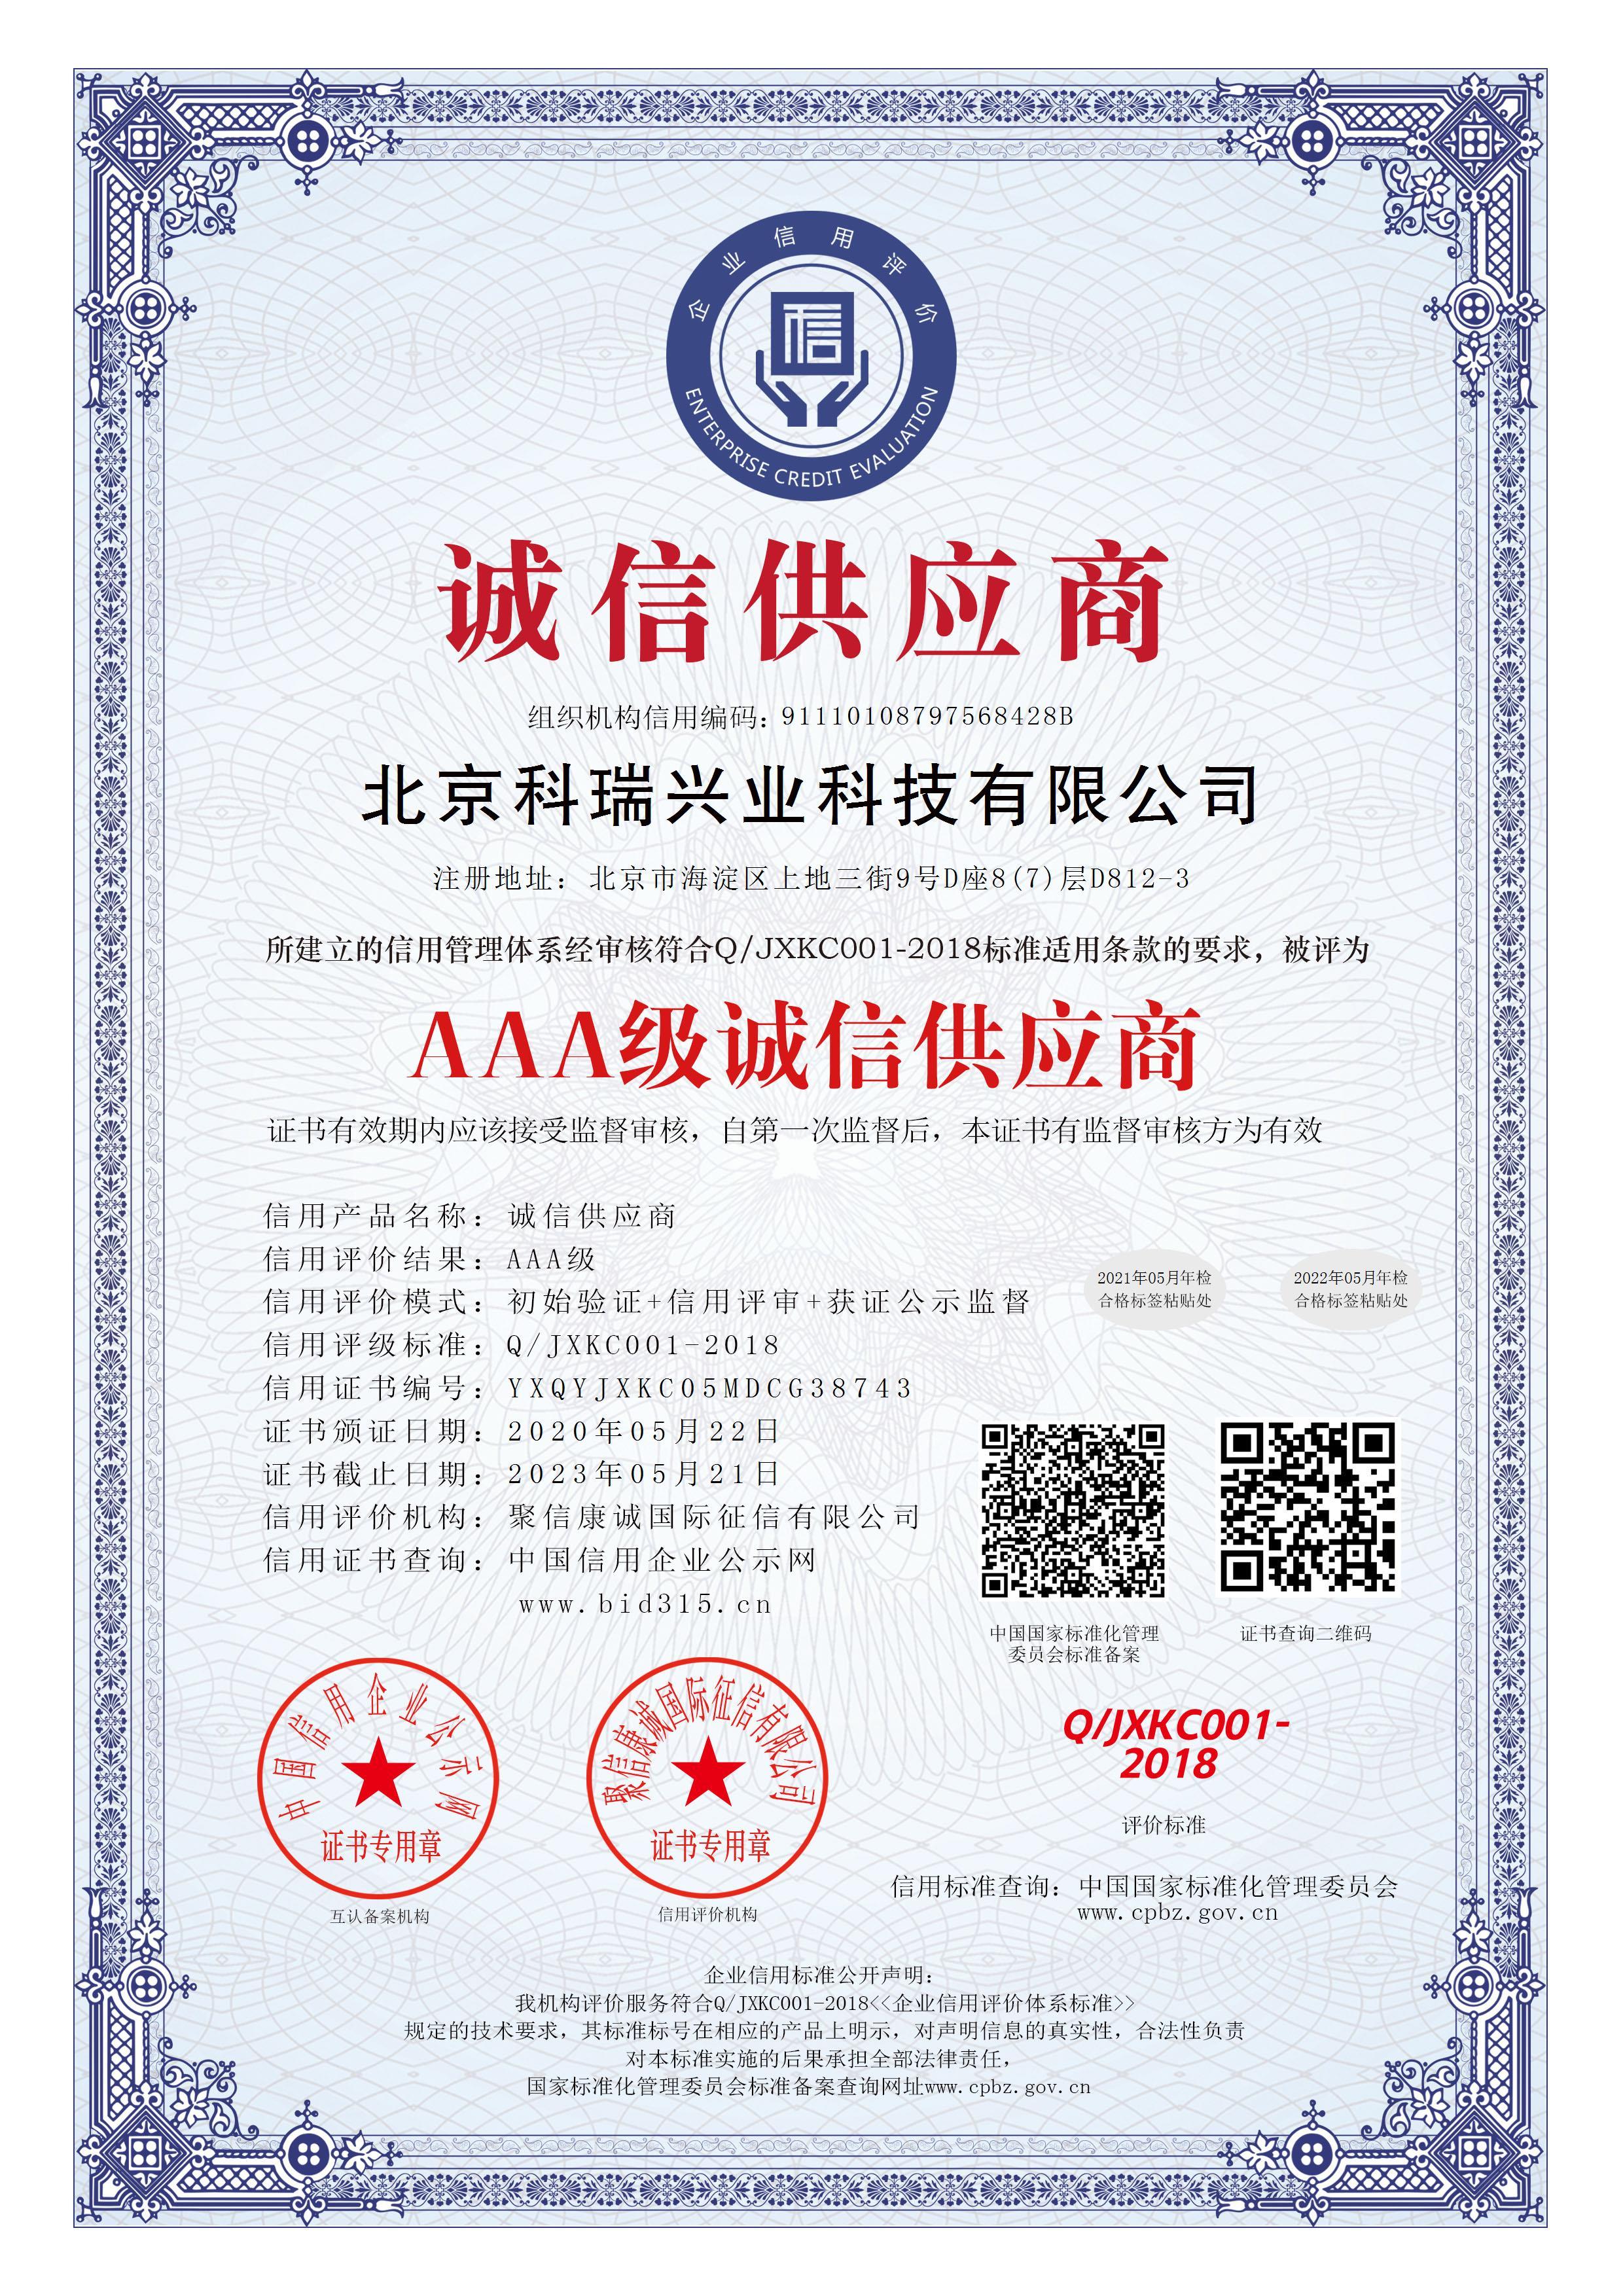 北京科瑞兴业科技有限公司_AAA级诚信供应商_中文版_电子版